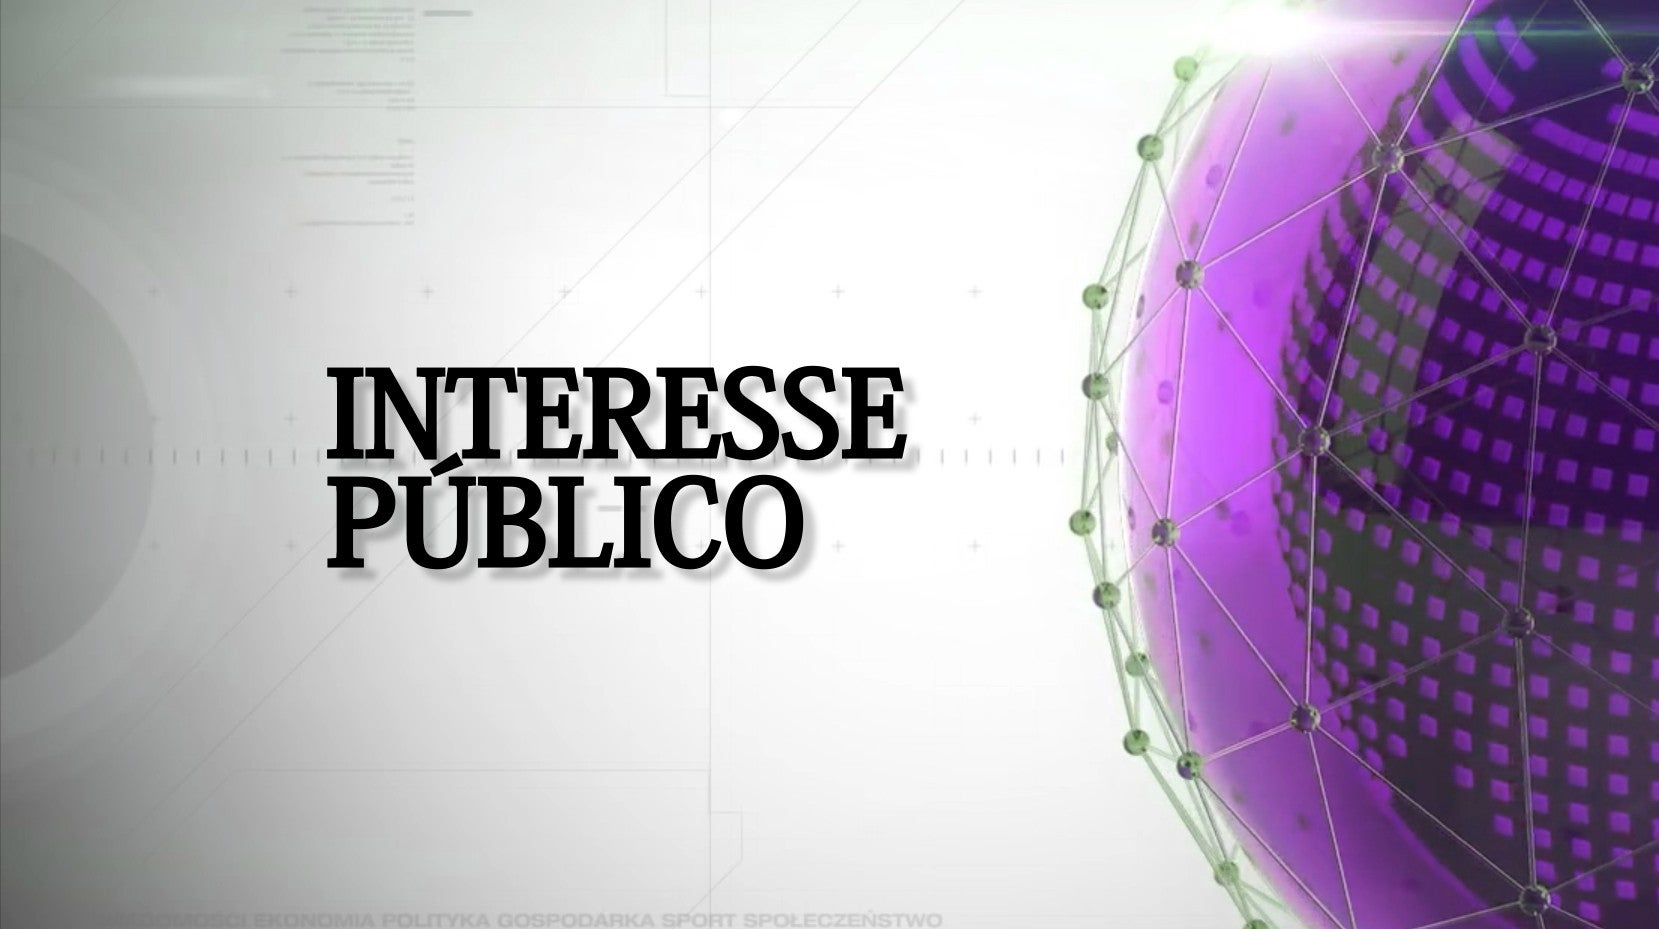 Interesse Público 2021